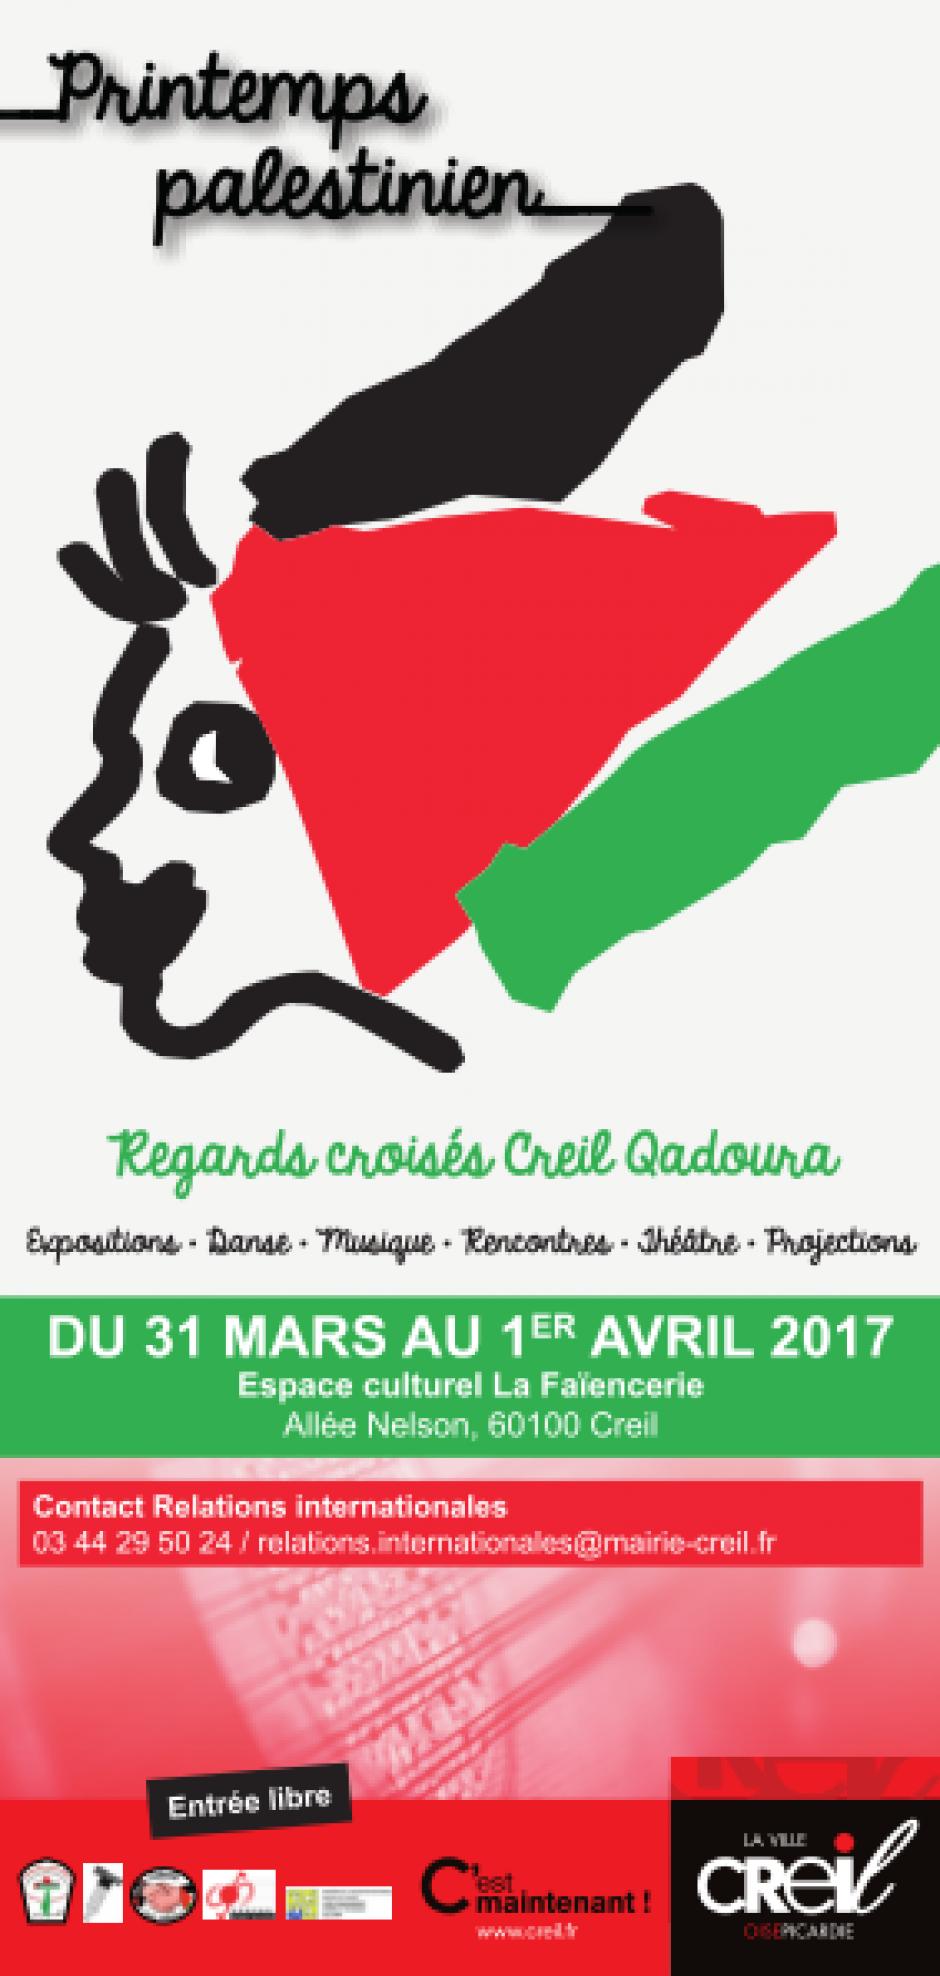 31 mars et 1er avril, Creil - Printemps palestinien 2017